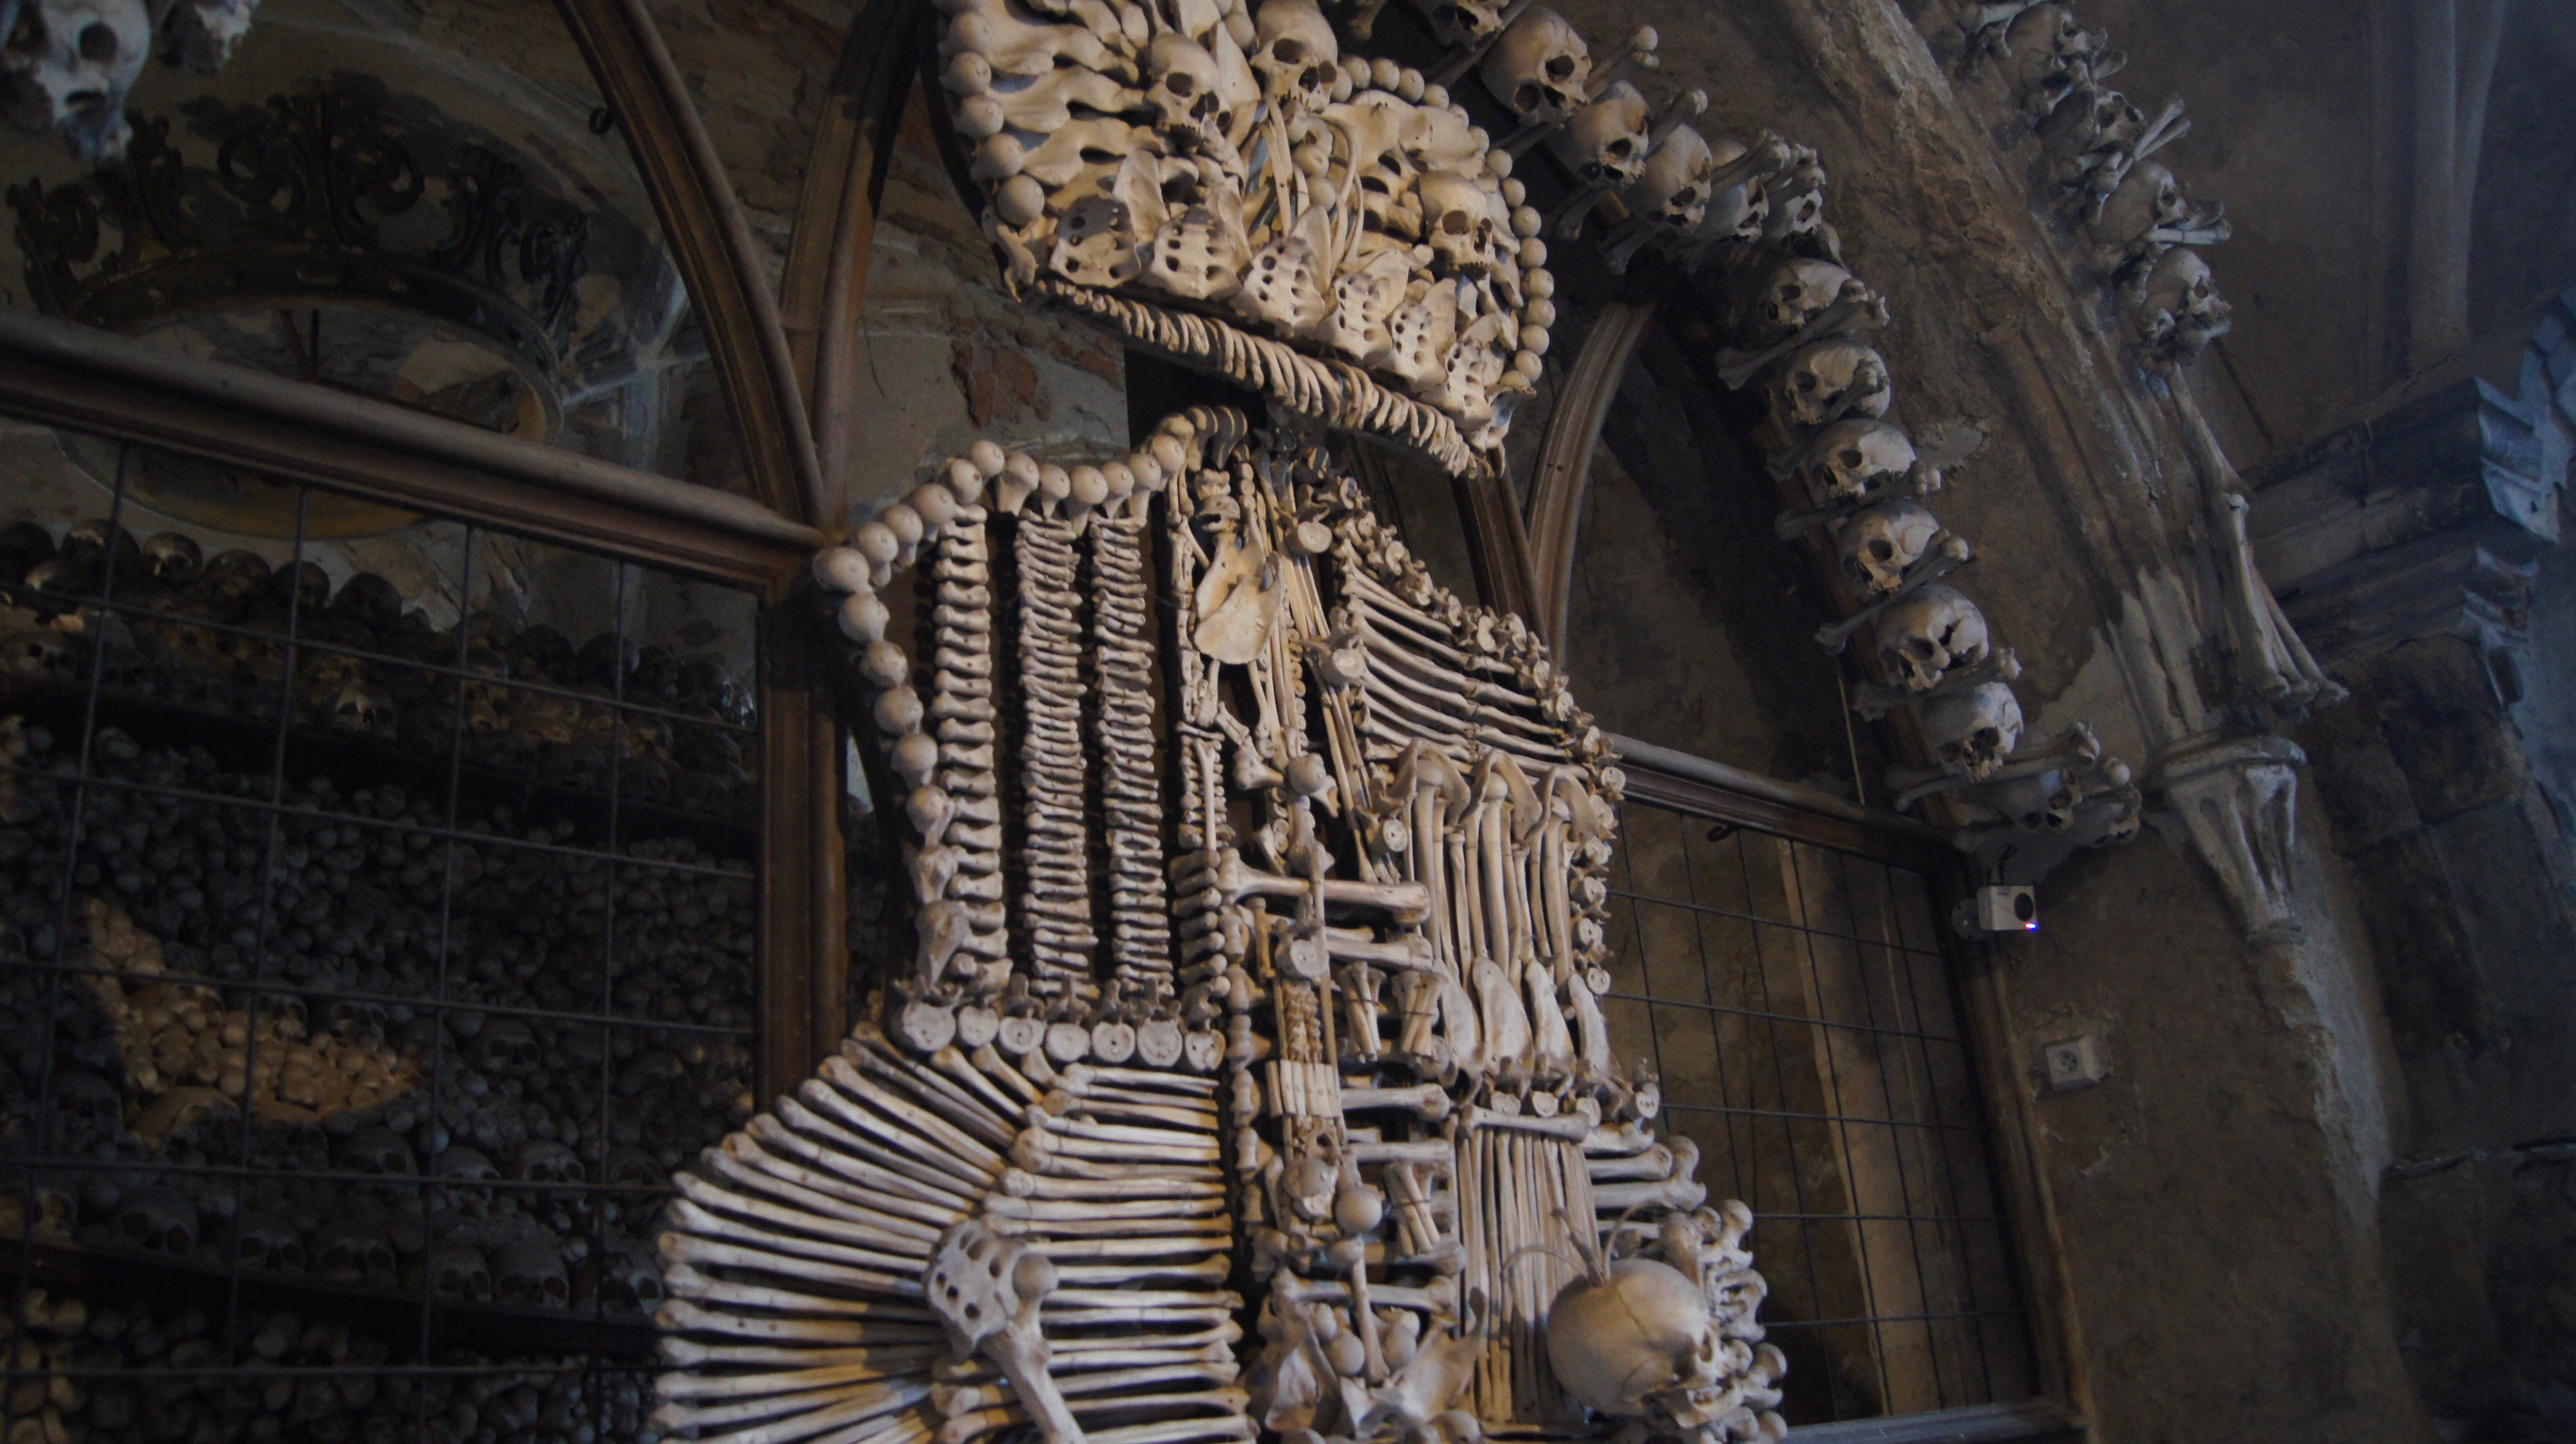 Ein Wappen komplett aus menschlichen Knochen